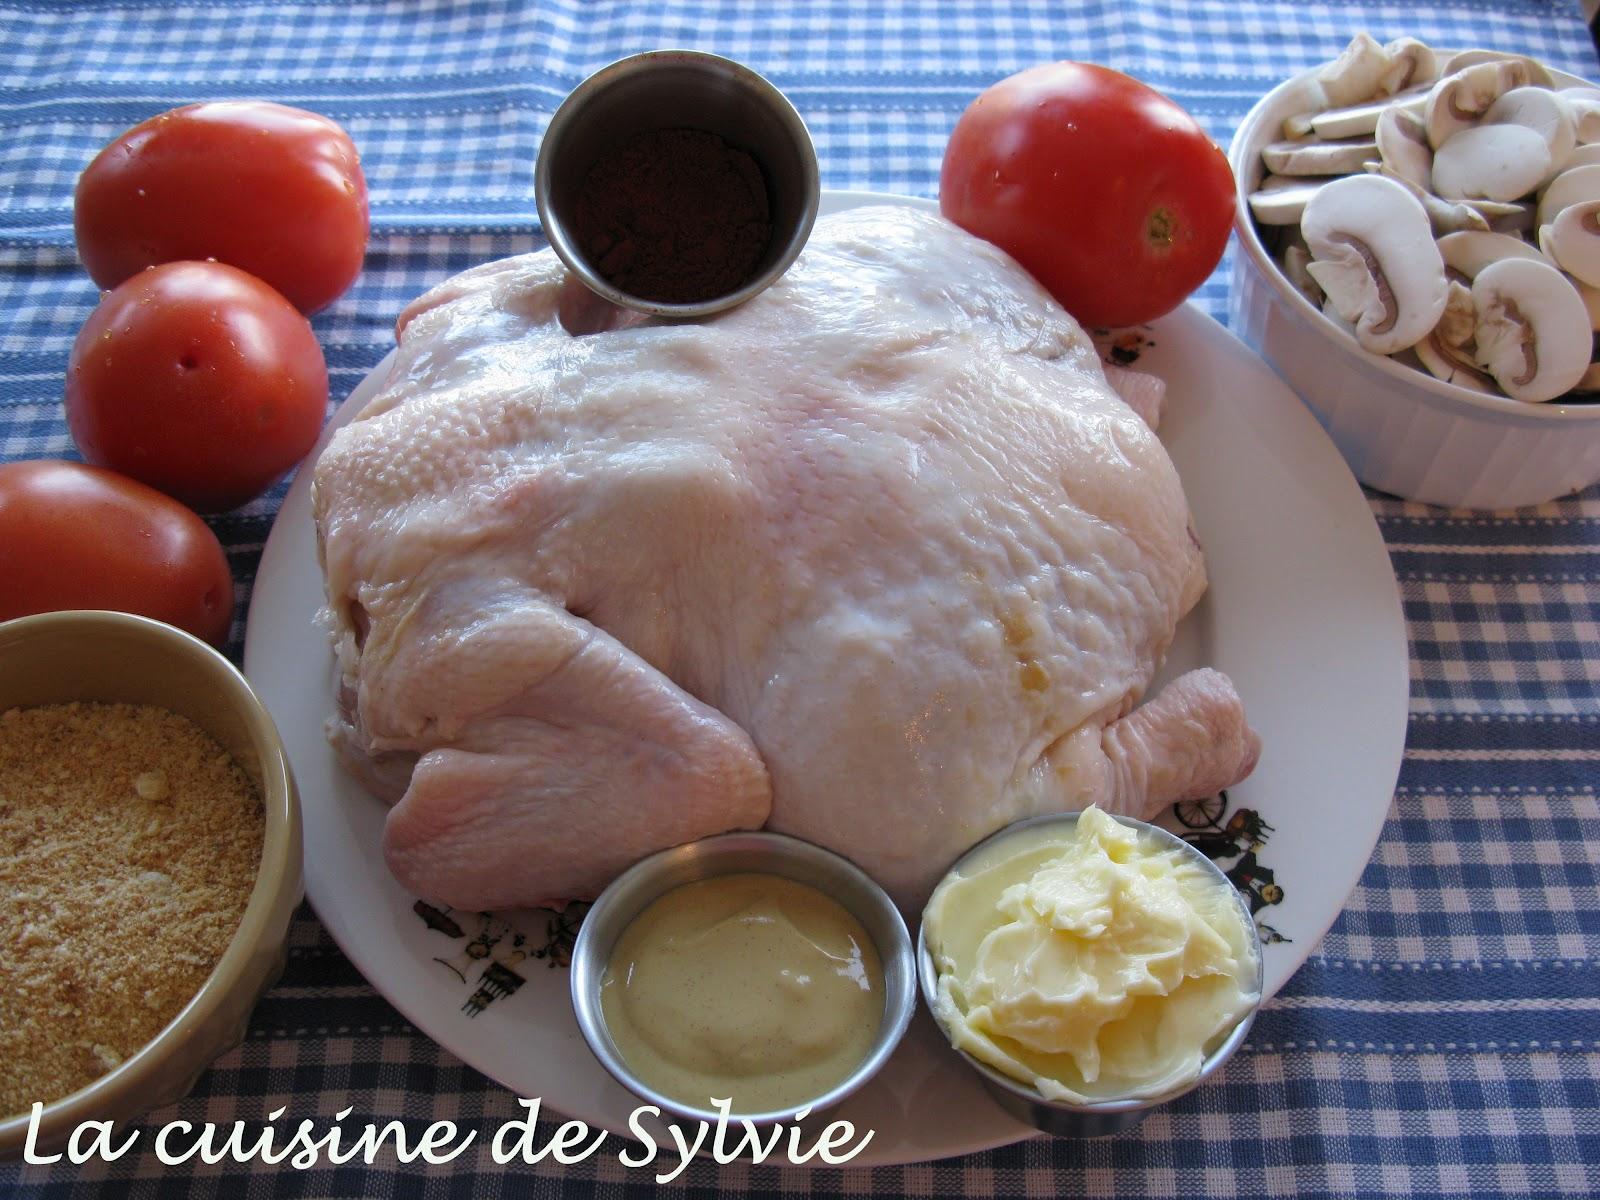 La cuisine de sylvie poulet l 39 am ricaine for Cuisine incorporer